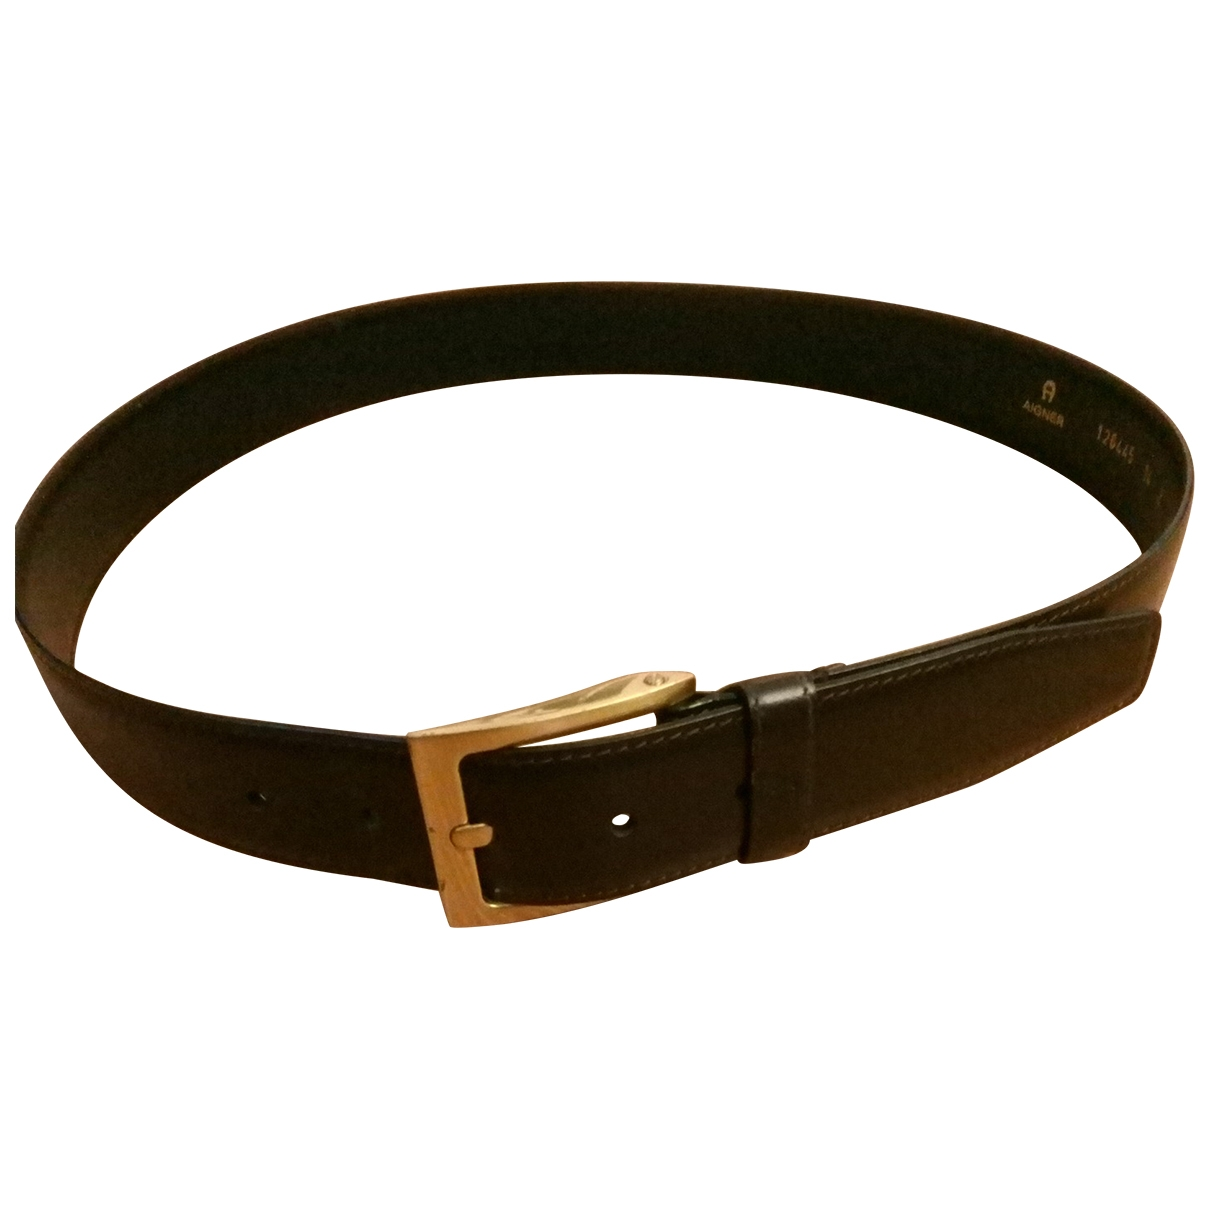 Aigner \N Brown Leather belt for Men 95 cm